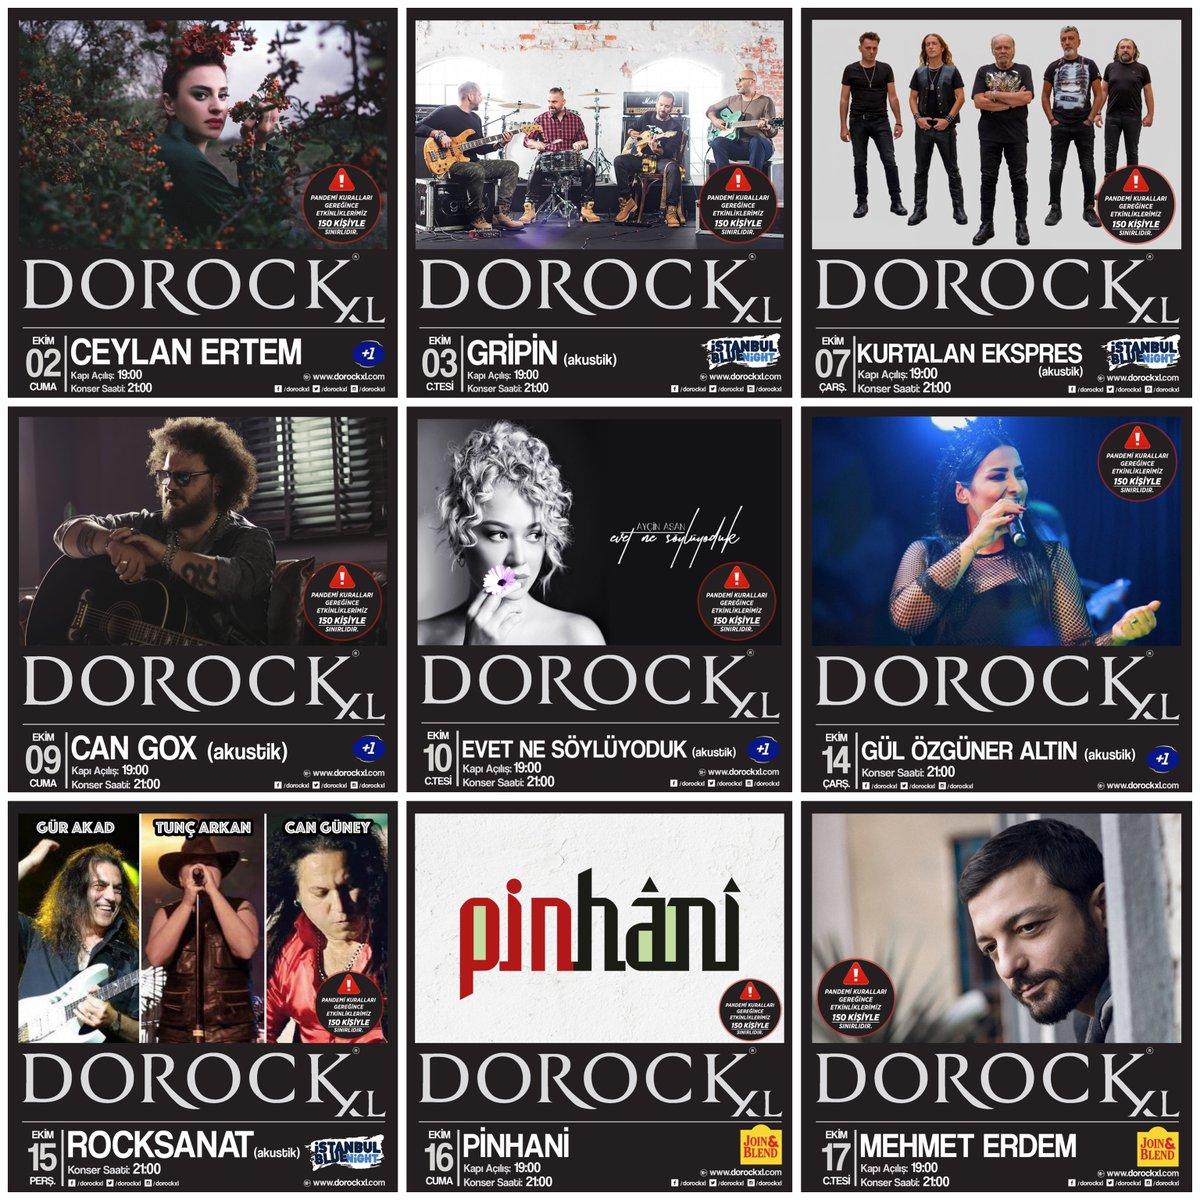 2-17 Ekim tarihlerinde Dorock XL sahnesinde izleyeceğiniz konserler!   ⚠️ Pandemi kuralları gereğince konser salonumuz 150 kişiyle sınırlıdır. Biletler Biletix ve Dorock XL gişelerinde.   #DorockXL #DorockXLKadıköy https://t.co/X7VaxionoD